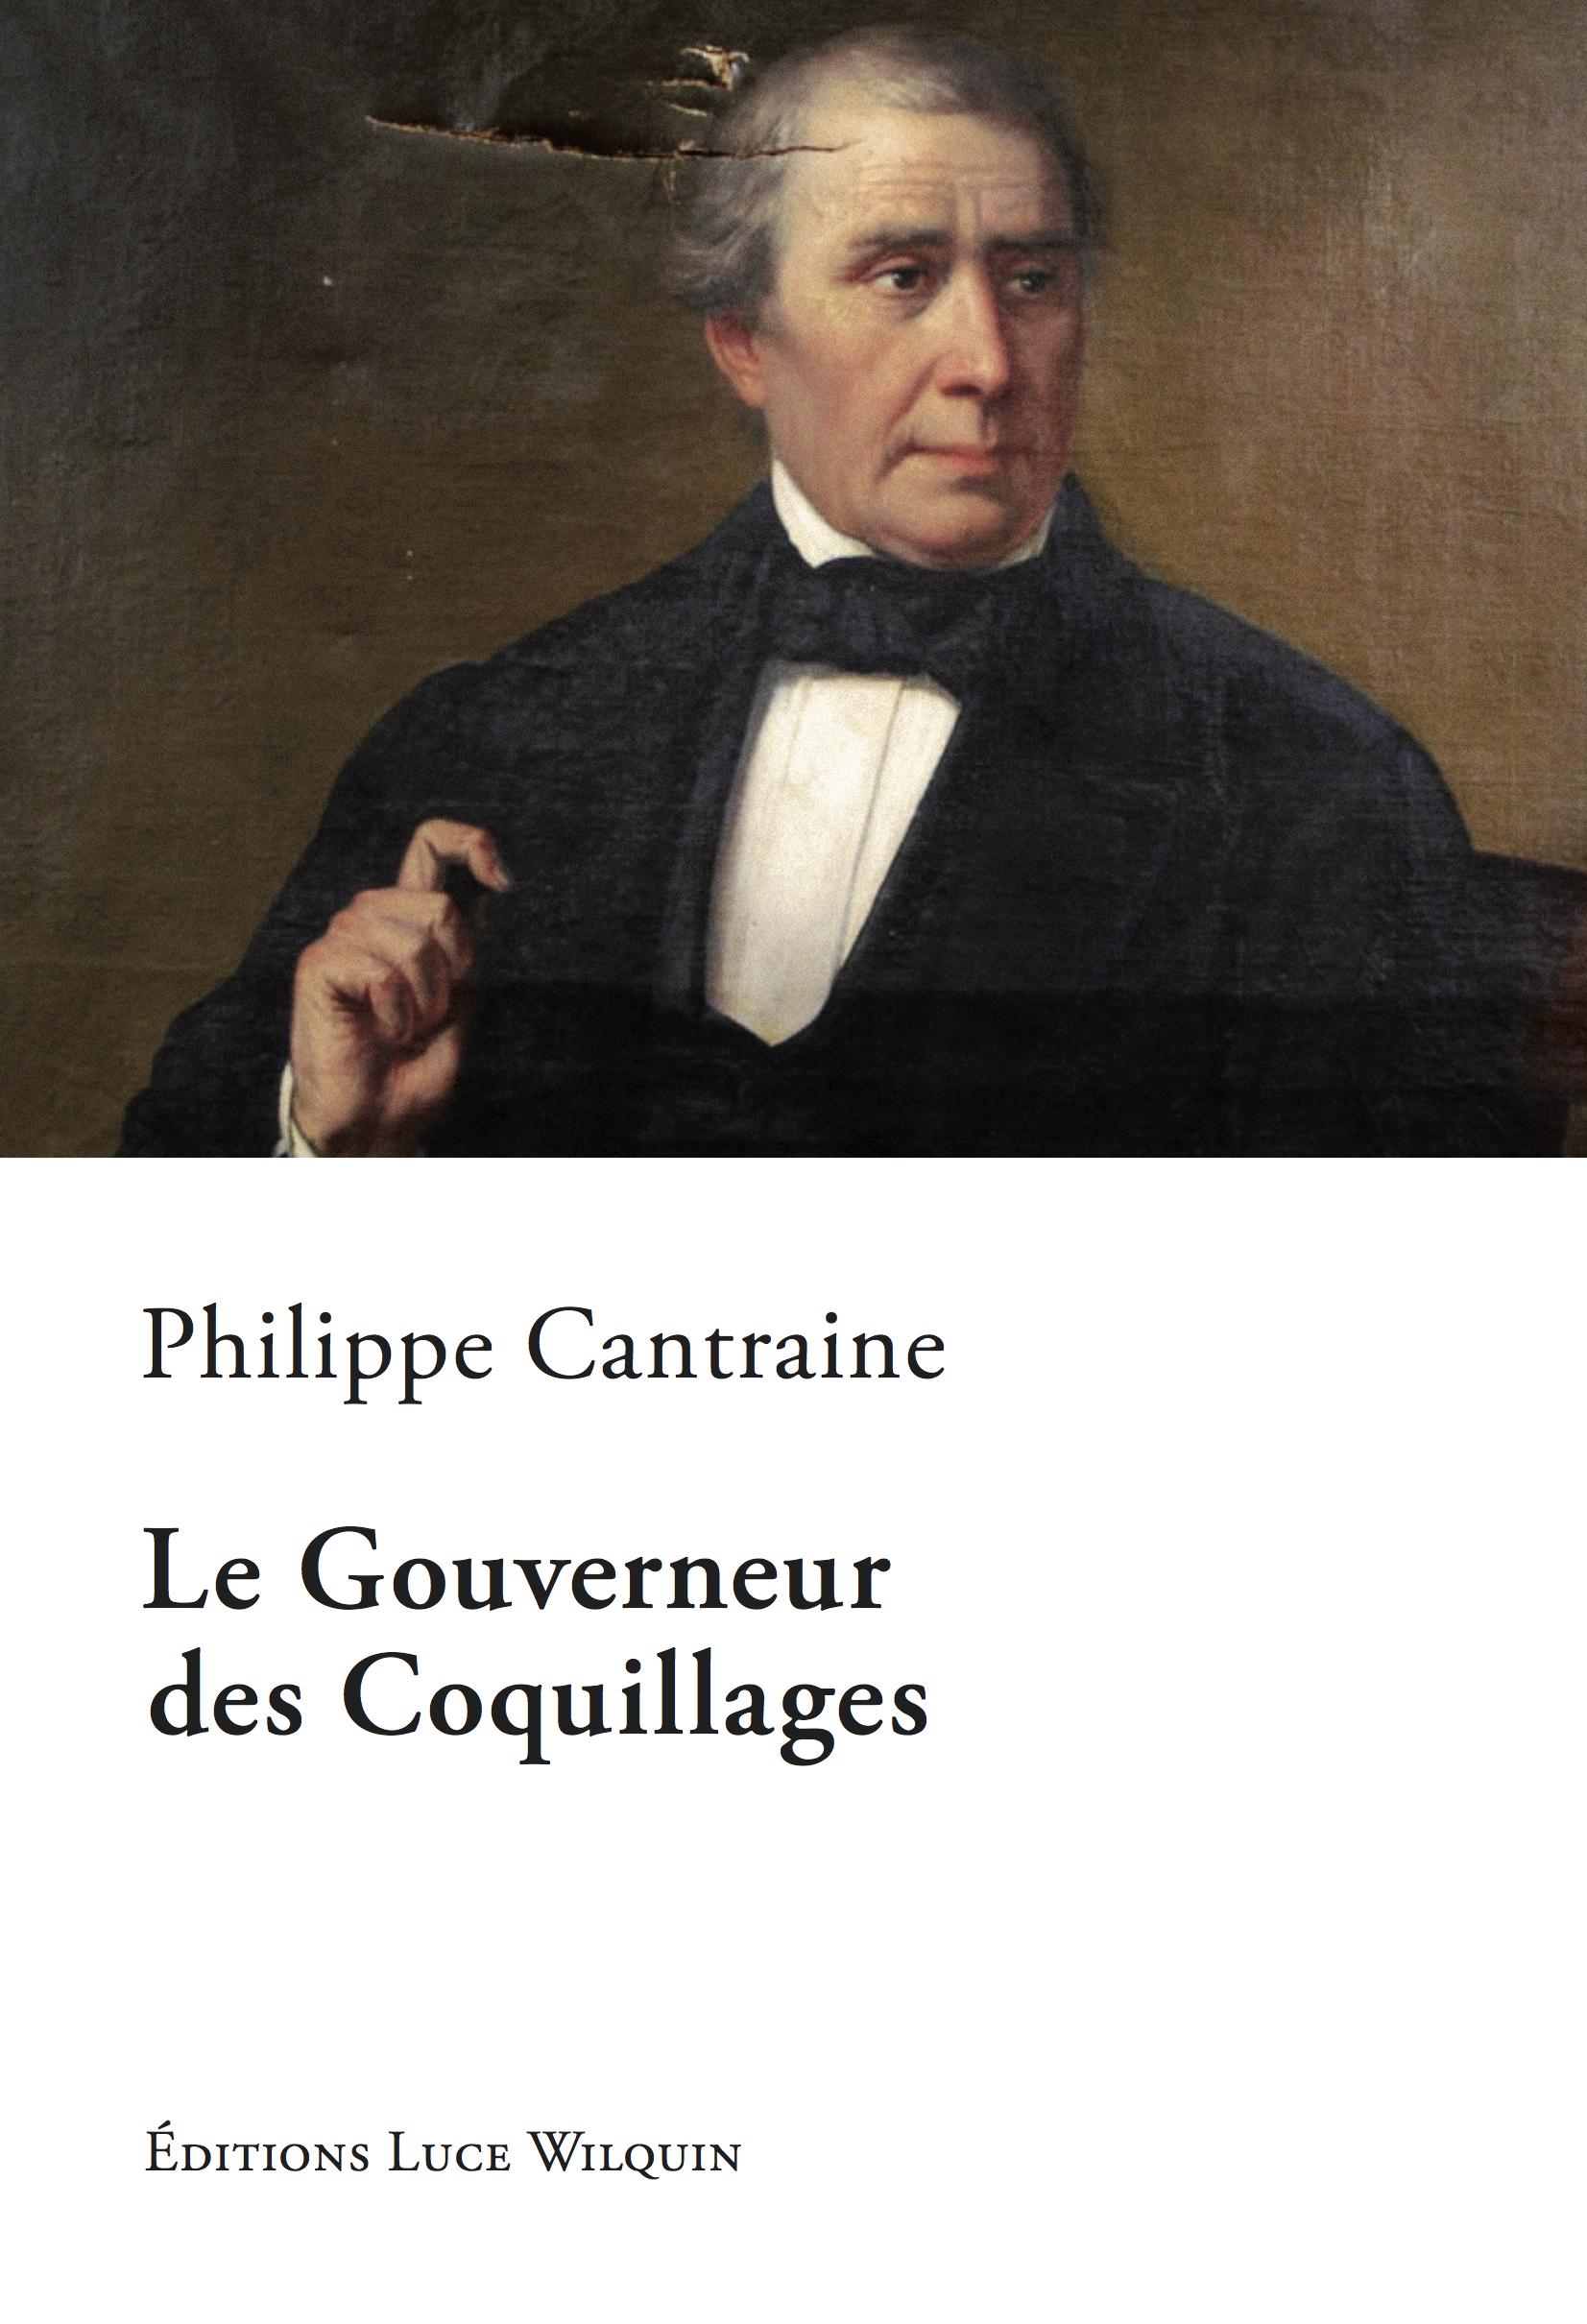 Le Gouverneur des Coquillages